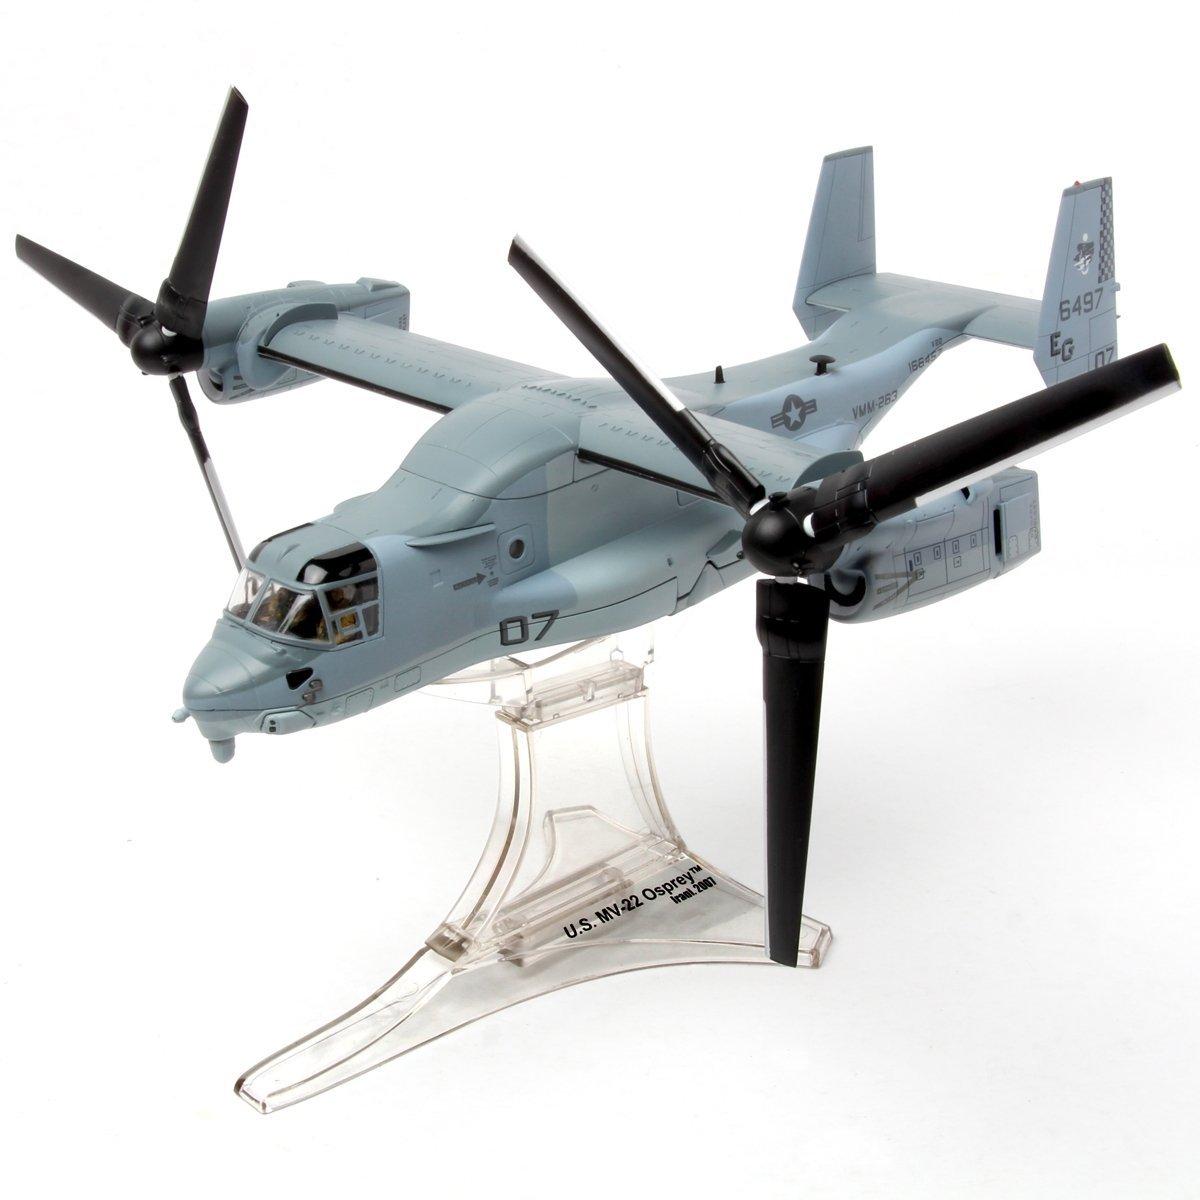 Модель вертолета MV-22 Osprey США, 1:72Военная техника<br>Модель вертолета MV-22 Osprey США, 1:72<br>